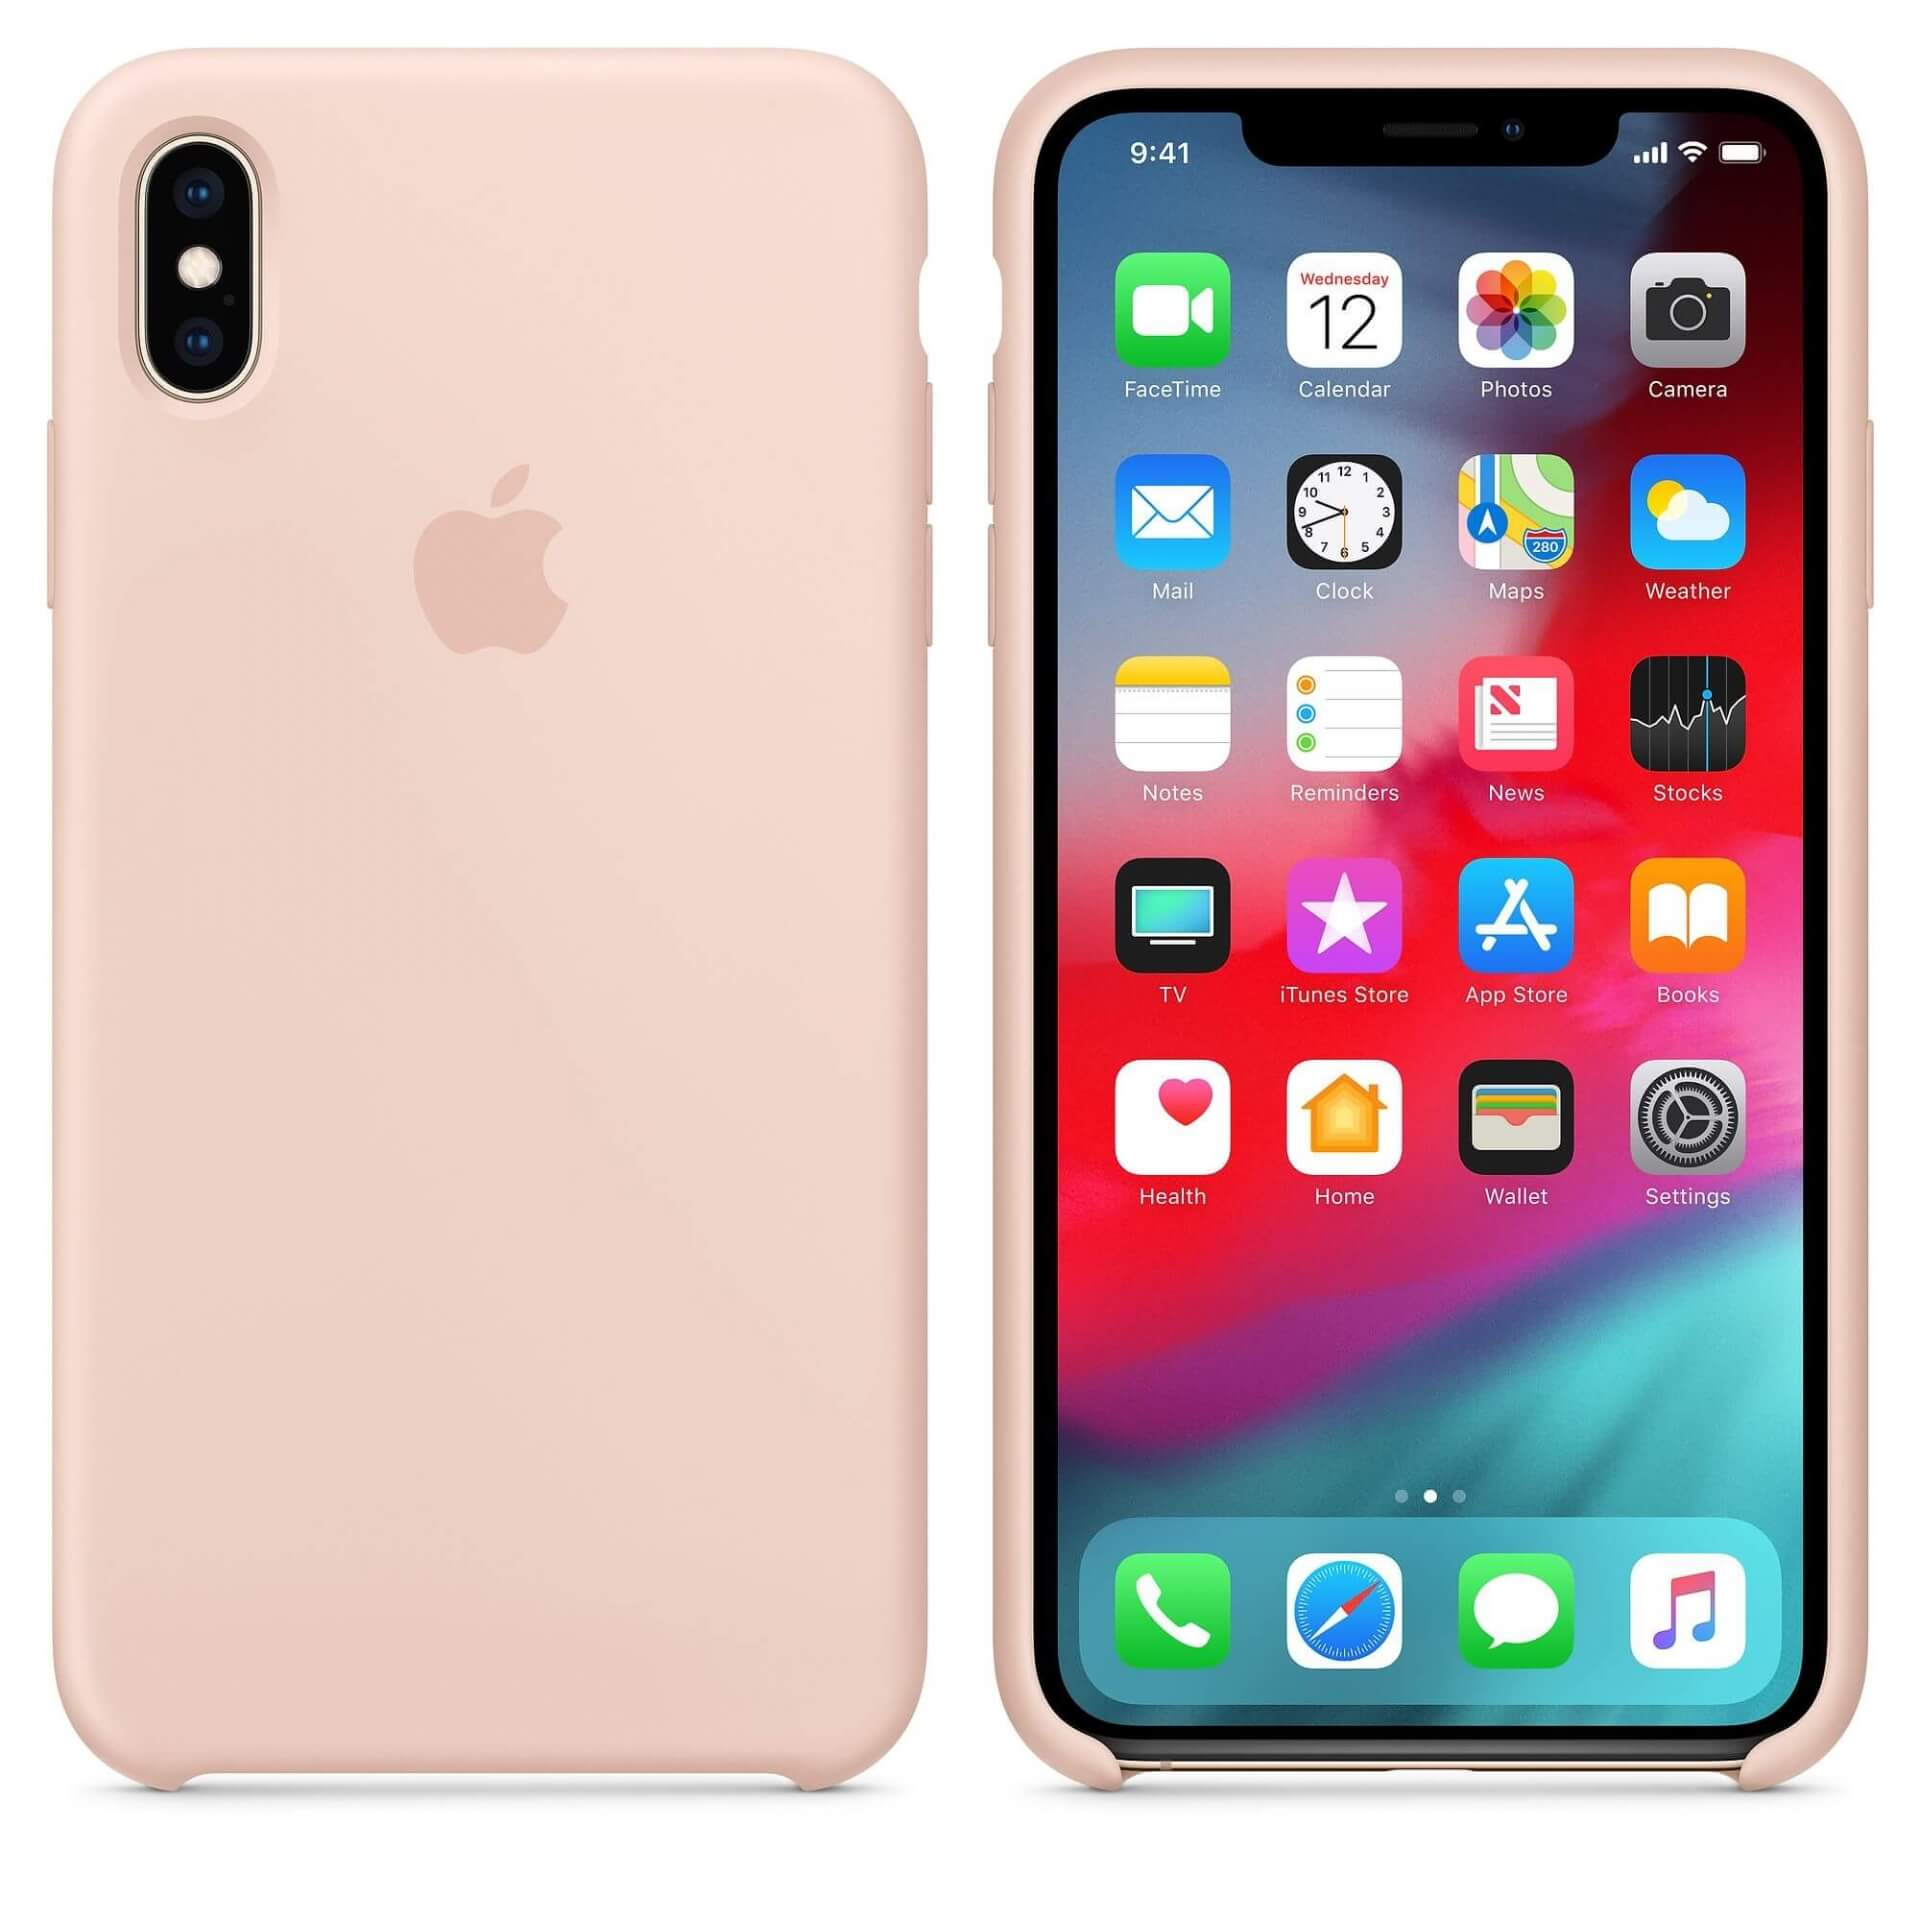 Apple Silicone Case — оригинален силиконов кейс за iPhone XS Max (розов пясък) (bulk) - 3